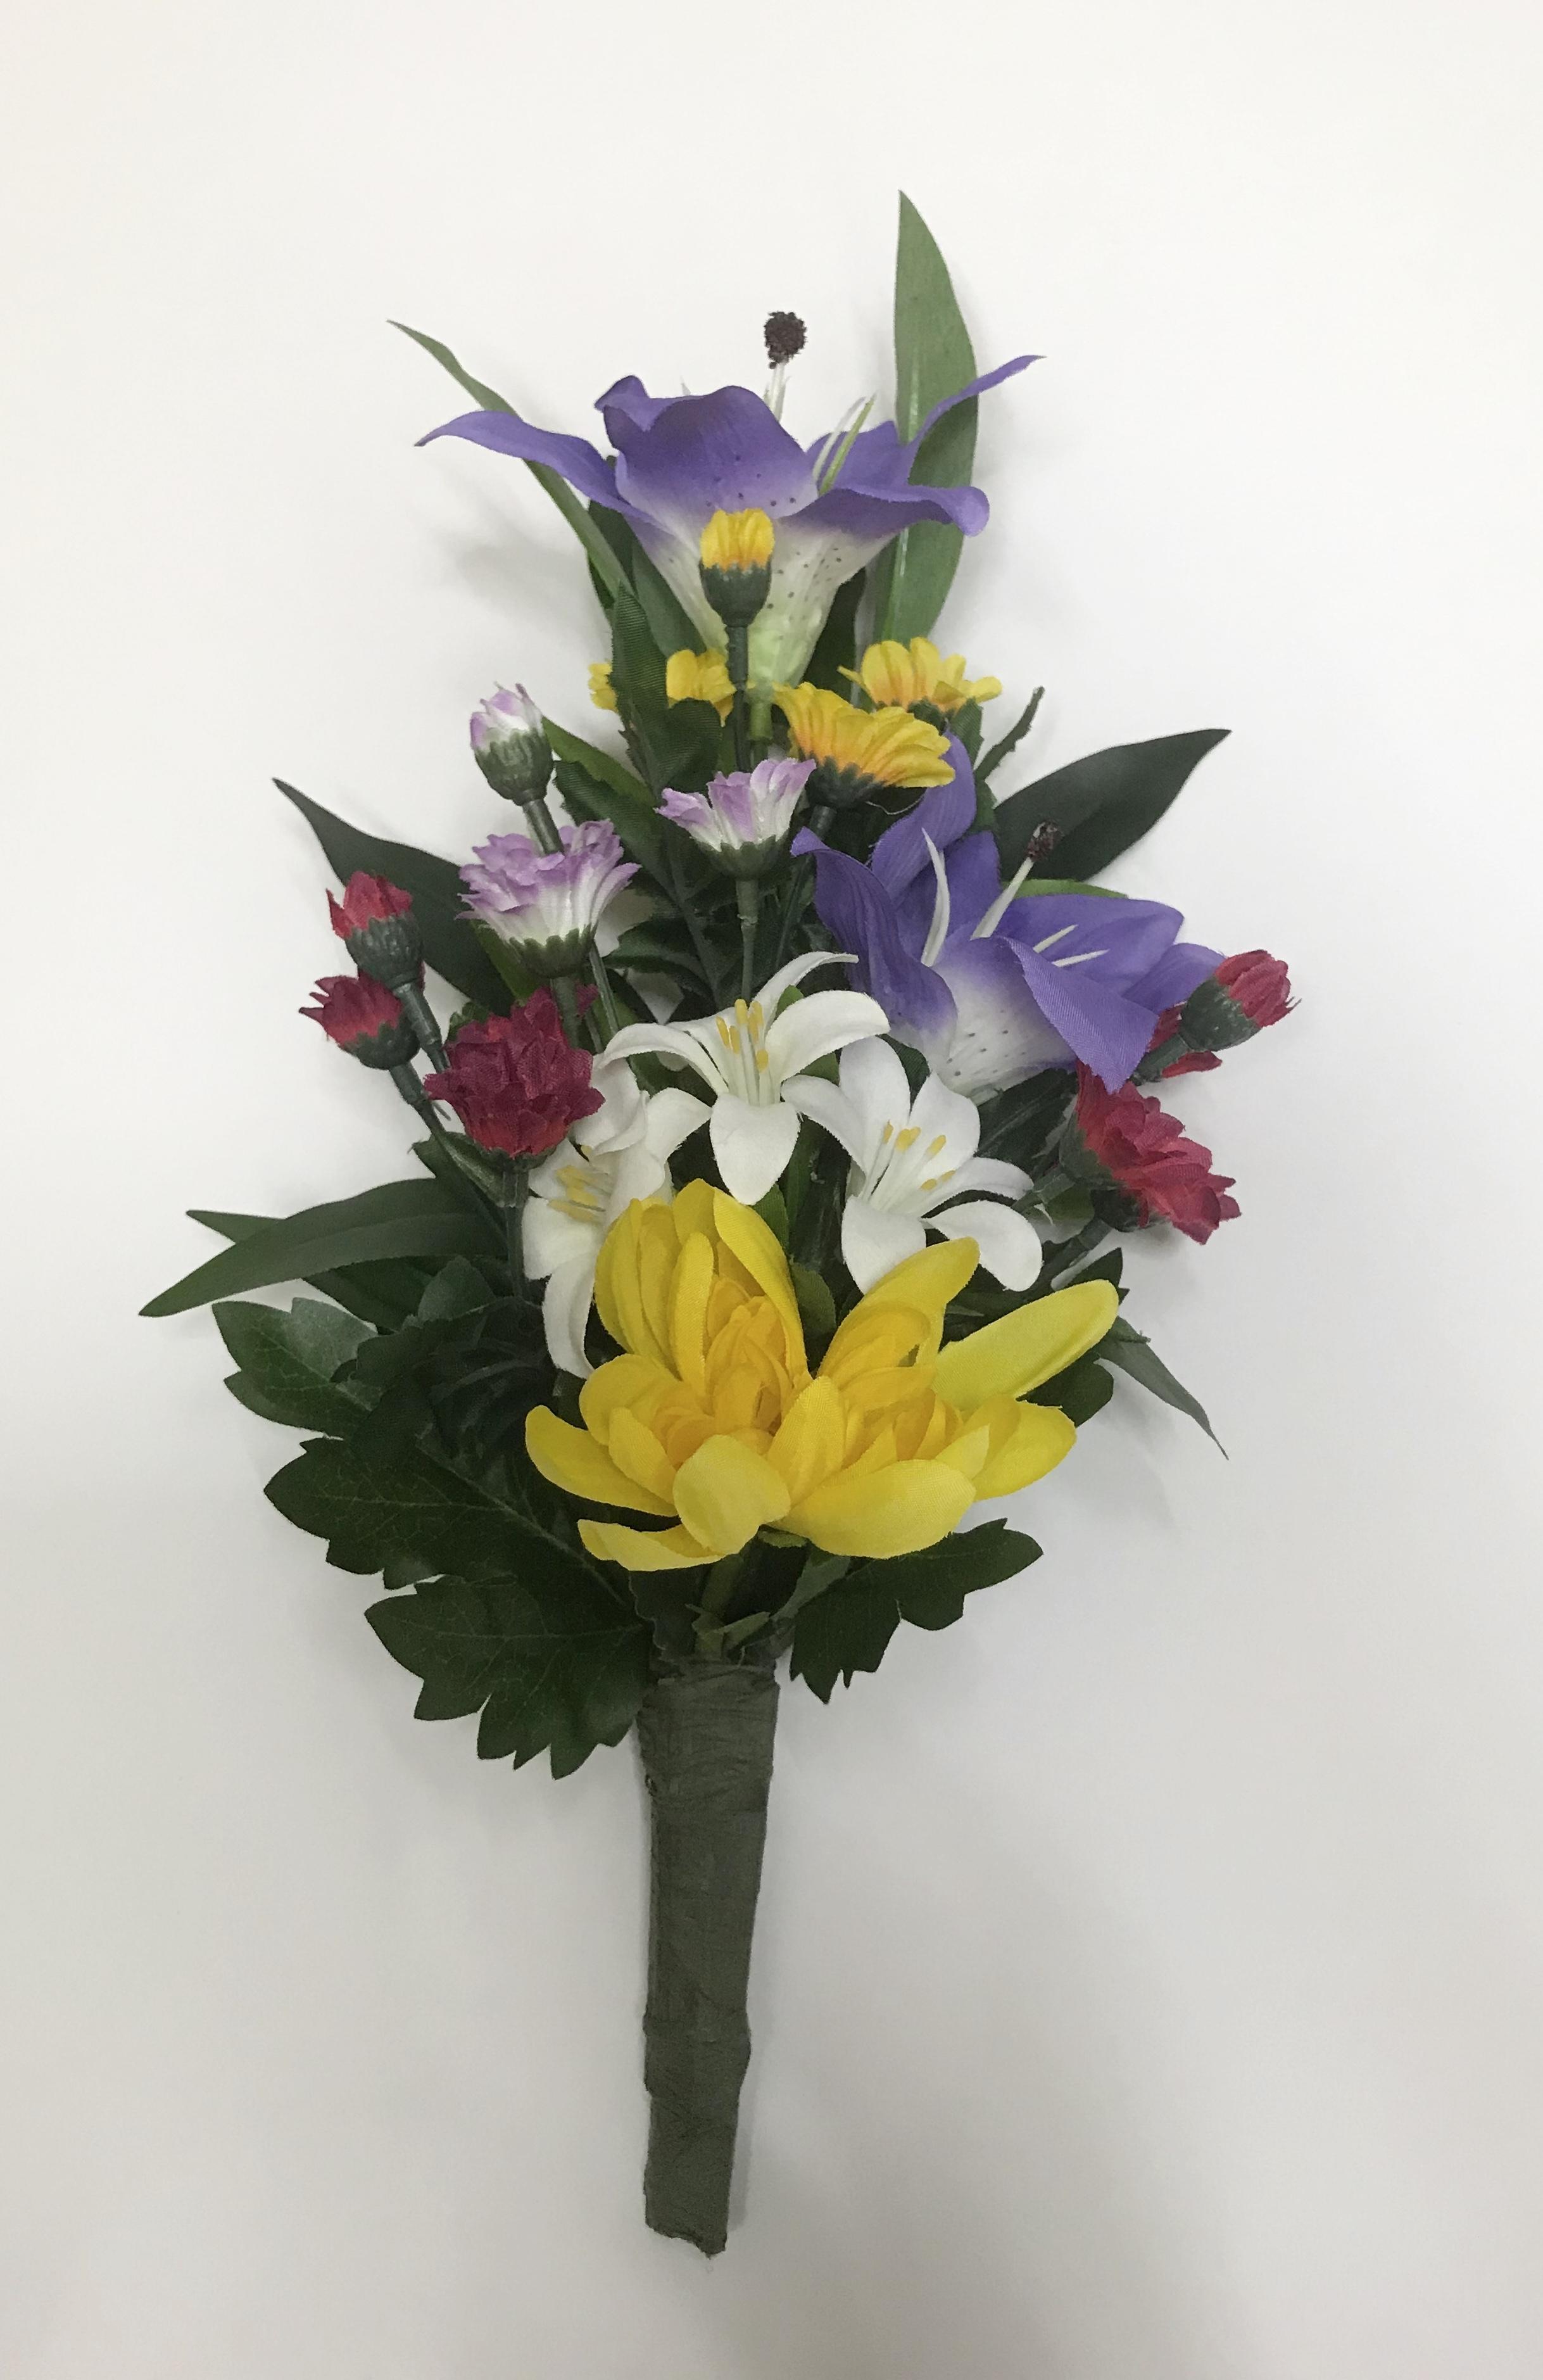 アーティフィシャルフラワー 仏花(ユリ)